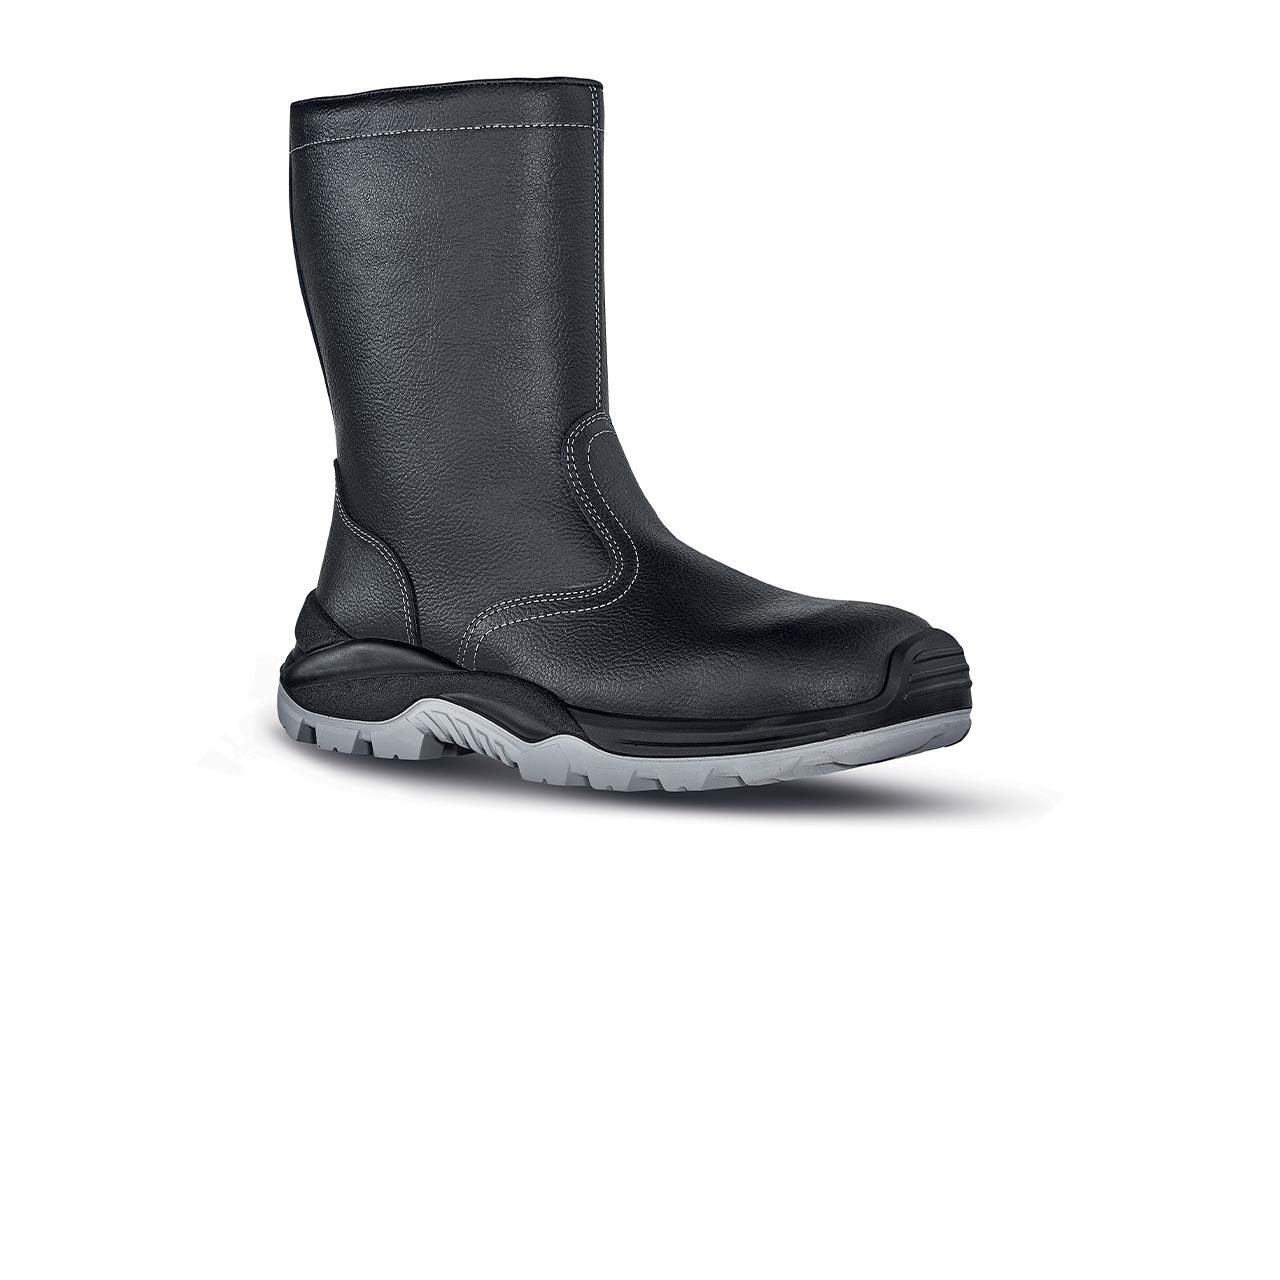 scarpa antinfortunistica upower modello taiga linea stepone vista laterale